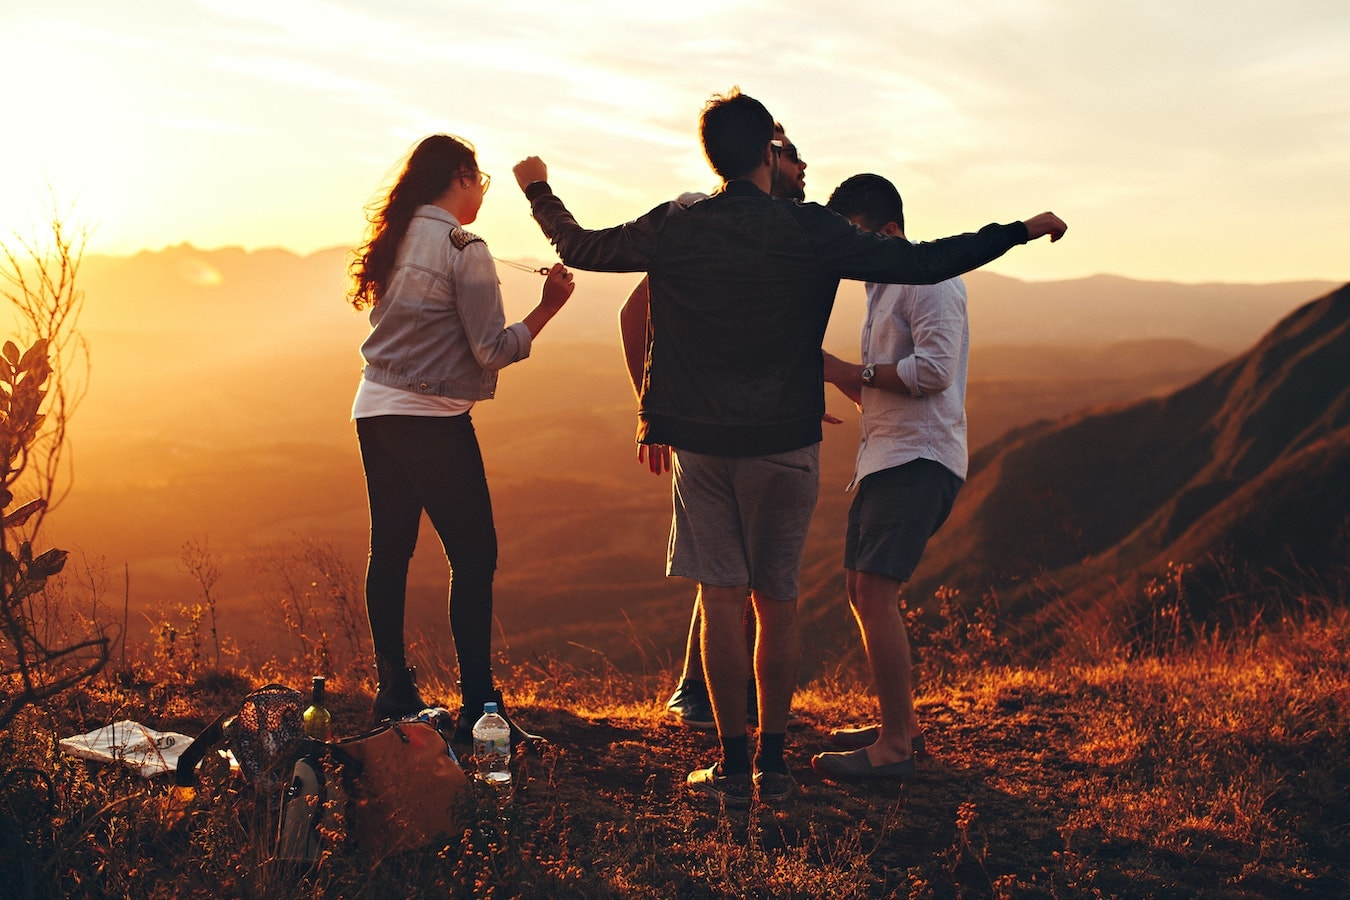 soziale Kontakte und Freundschaften helfen Selbstheilungskräfte zu stärken - eine Gruppe von Freunden sind in der Natur und tanzen